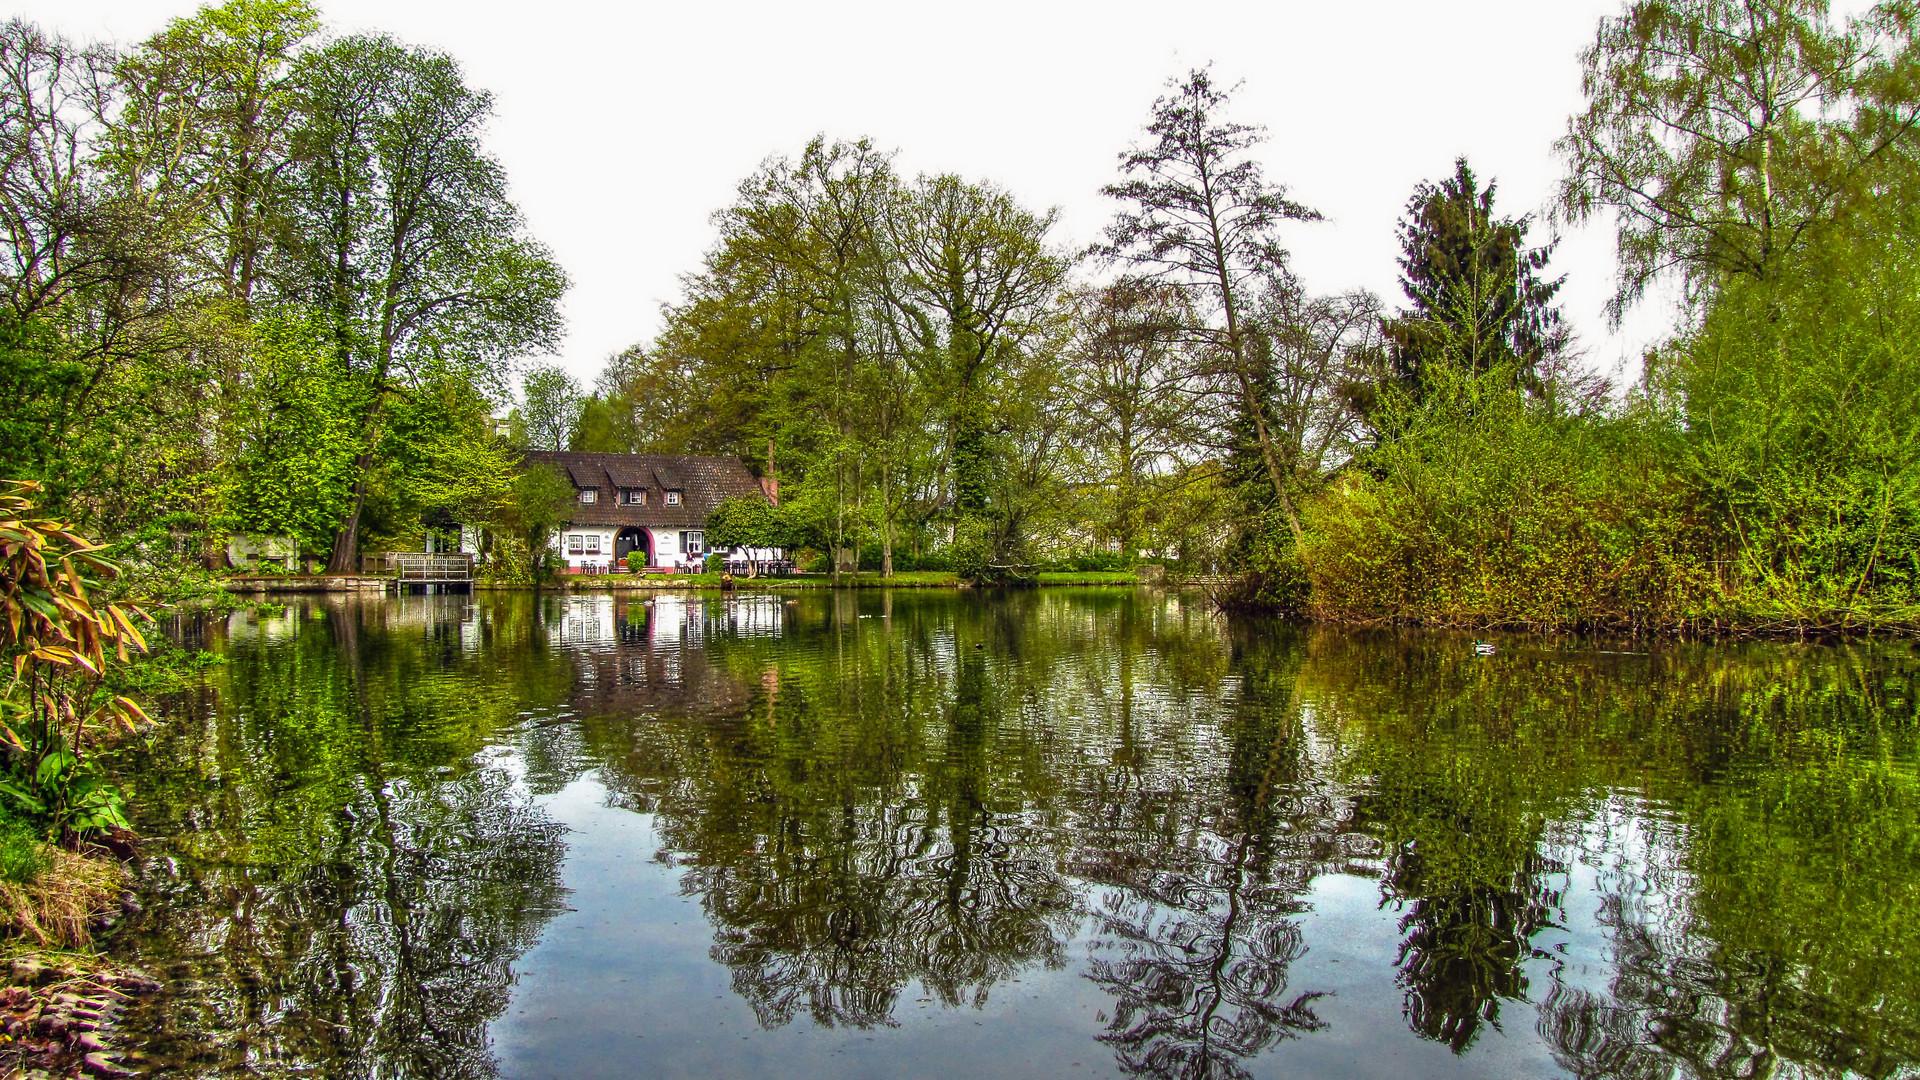 Teich in Holzminden